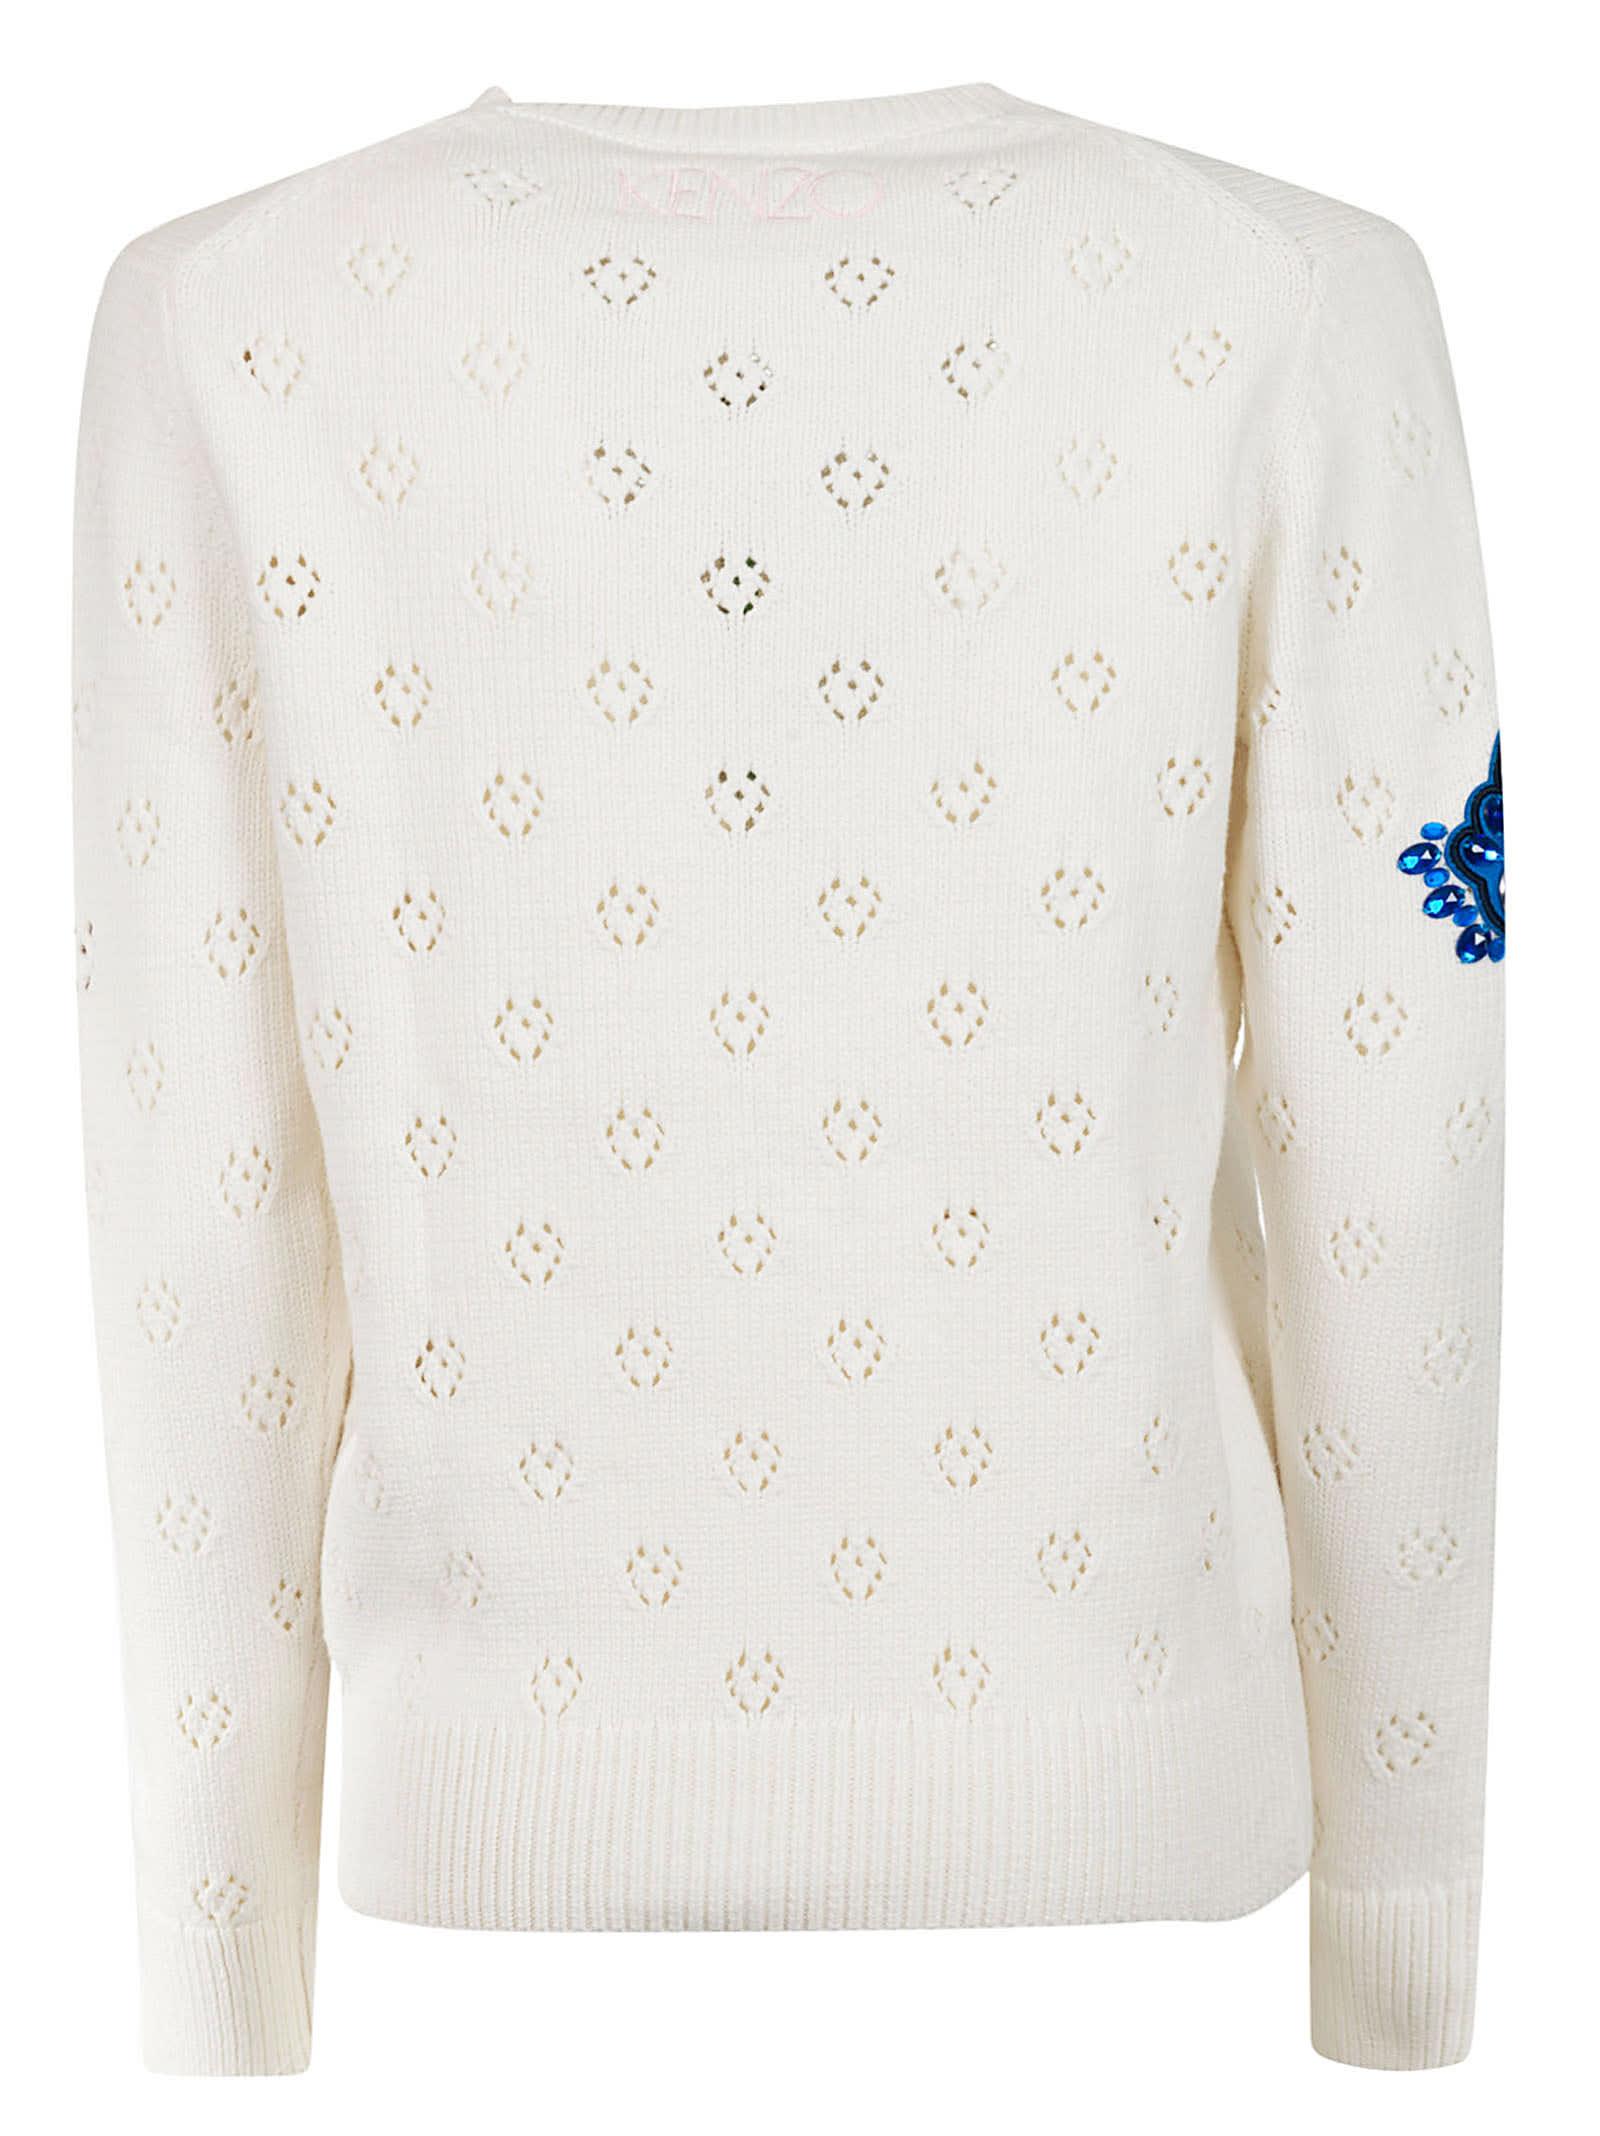 75748197 Kenzo Embroidered Rose Sweatshirt